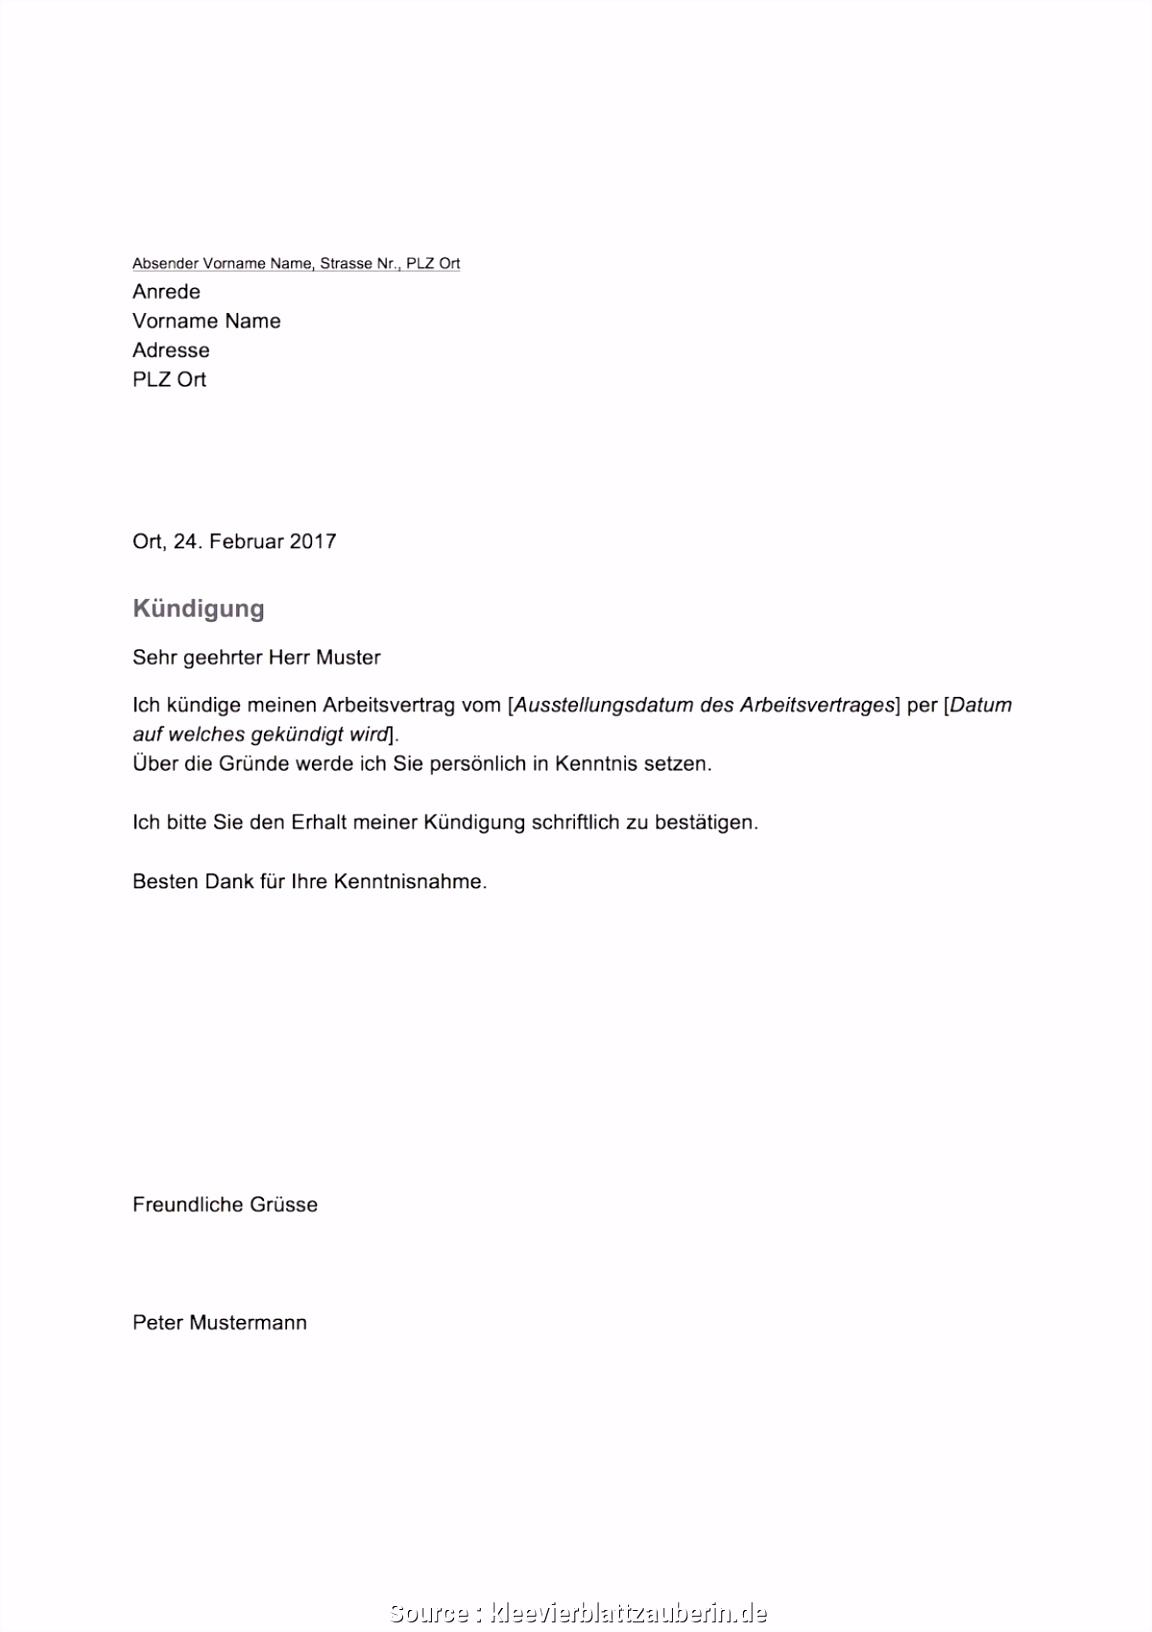 Neueste Kündigung Handyvertrag Muster 1&1 Kündigung Vorlagenidee